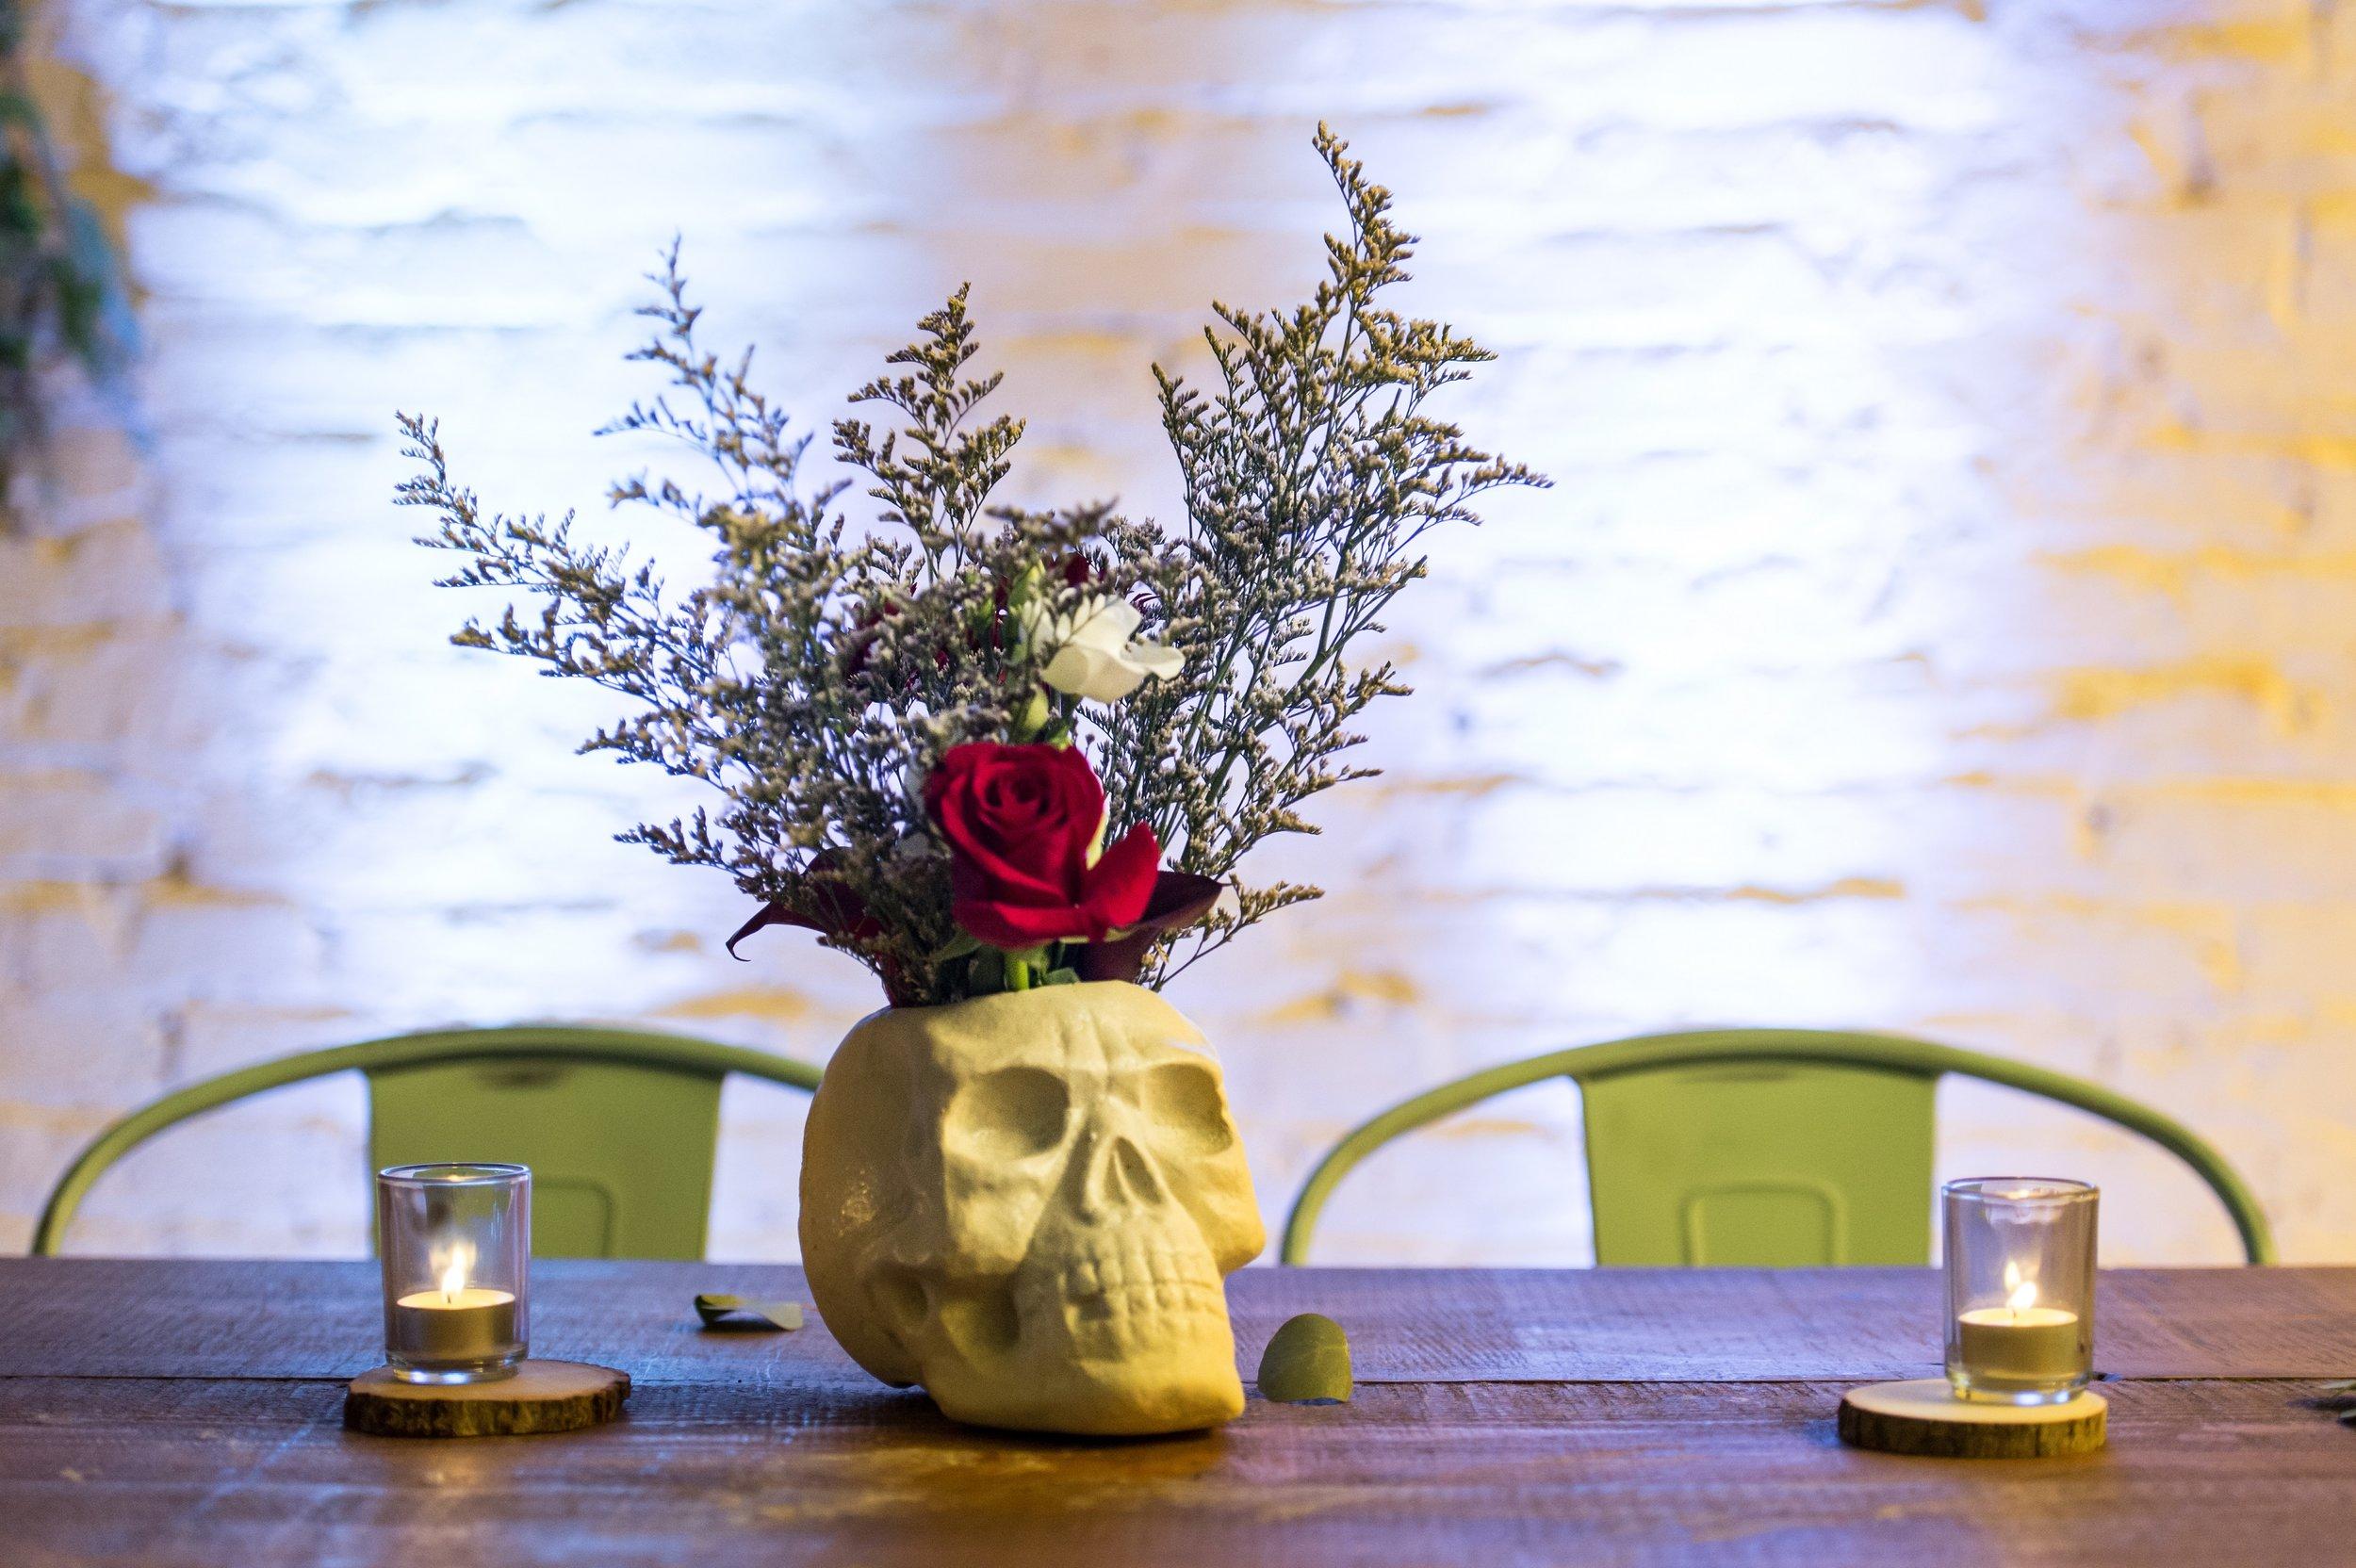 floral design8.jpg